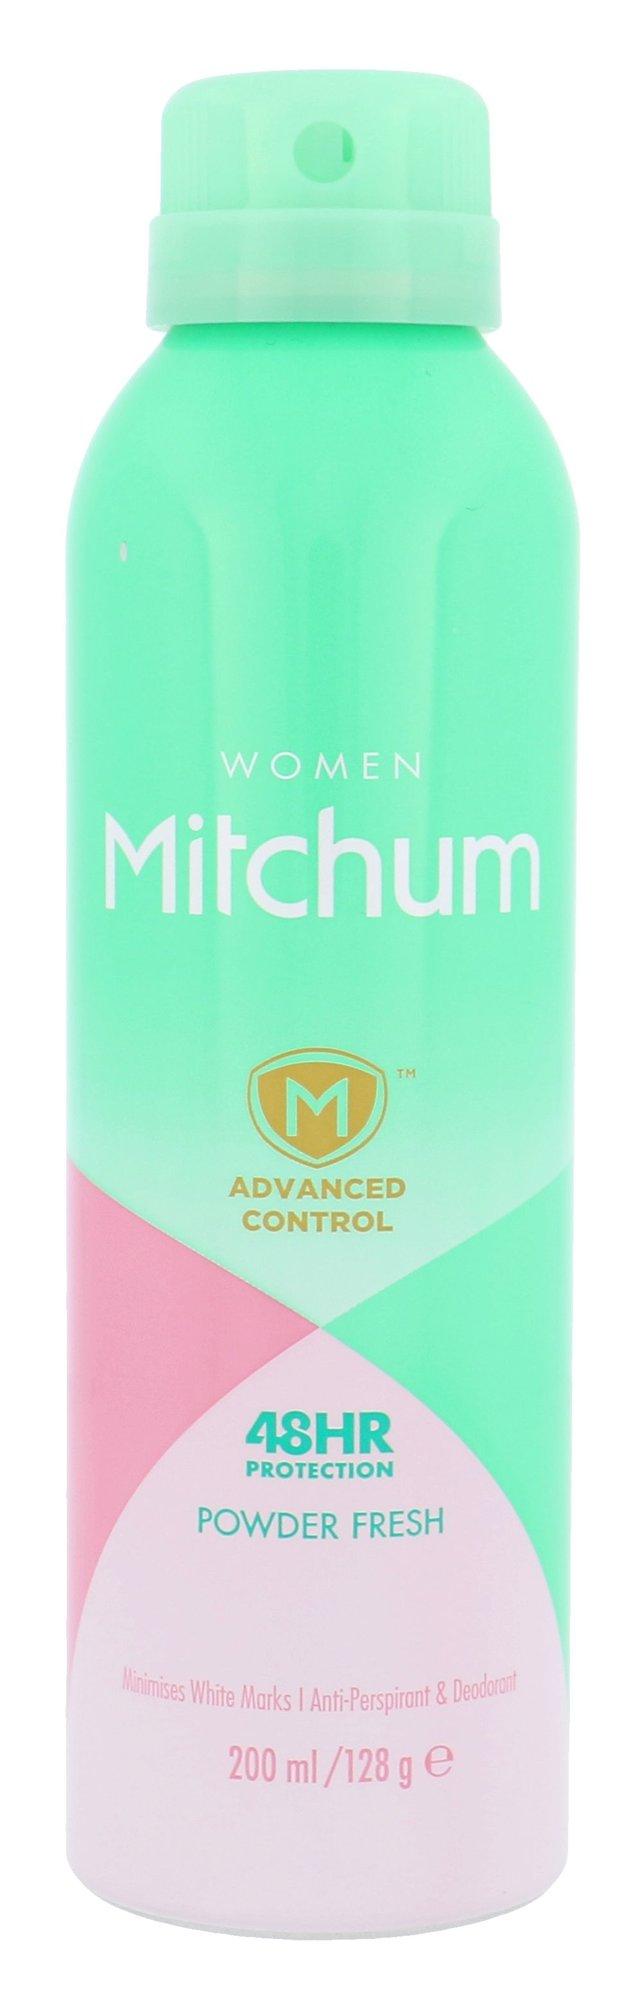 Mitchum Advanced Control Cosmetic 200ml  Powder Fresh